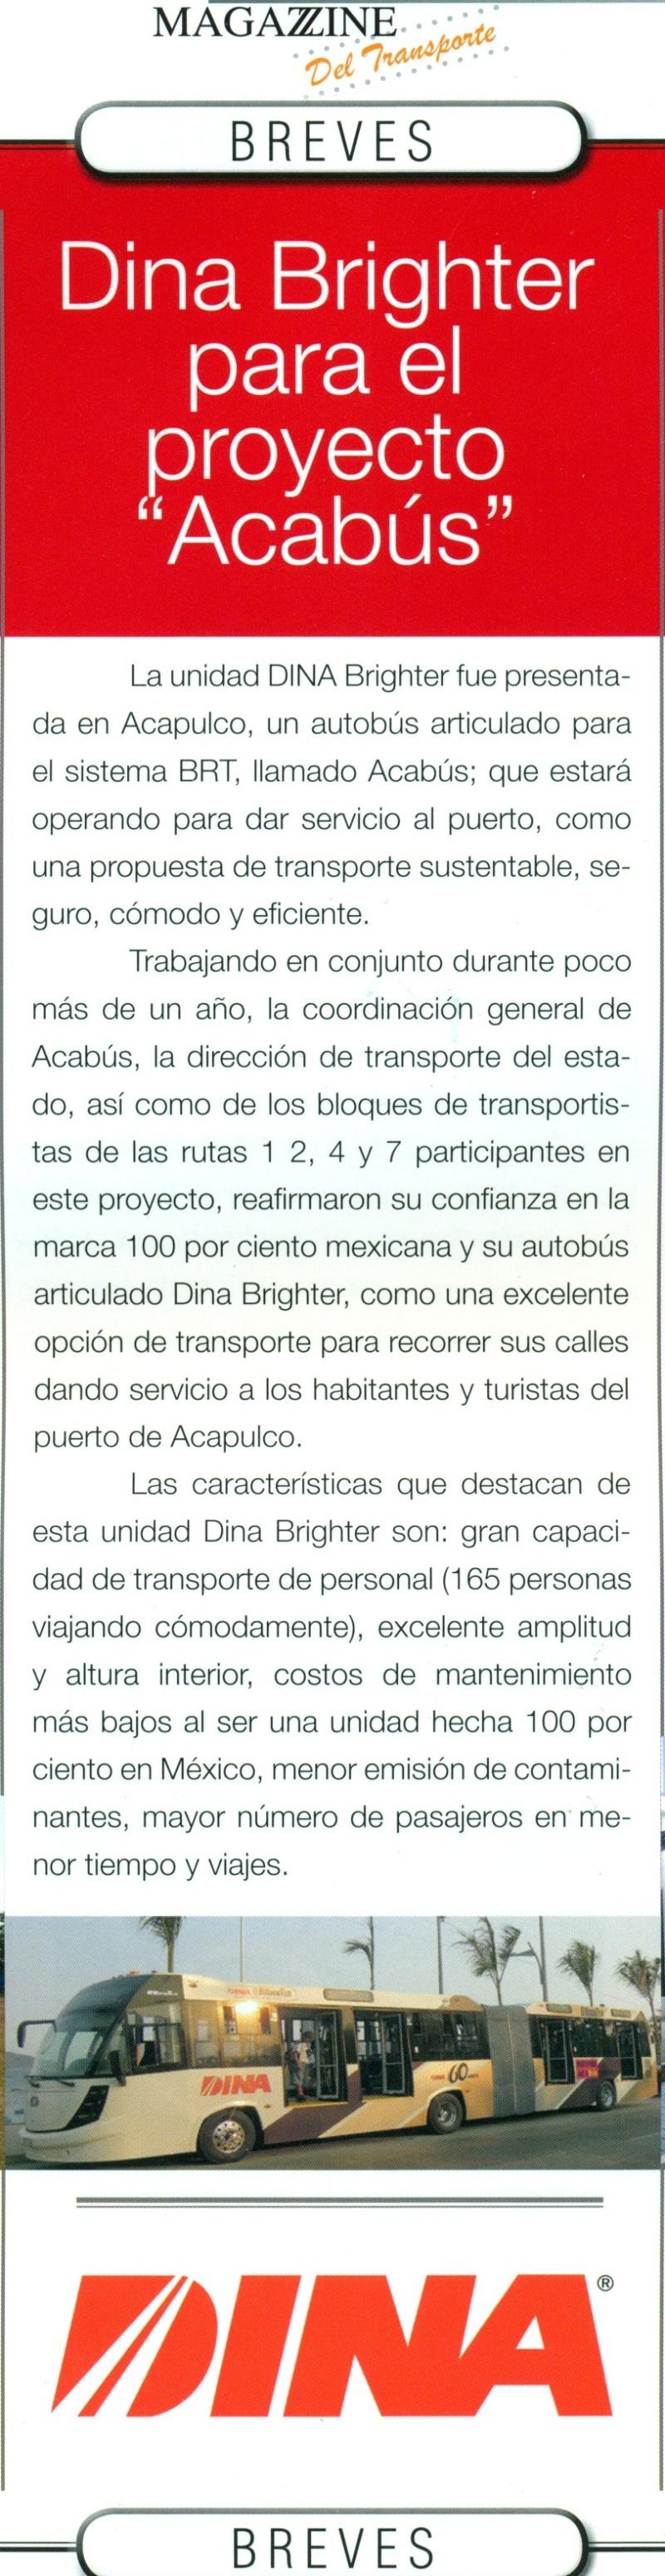 Revista Magazzine del Transporte Mayo 2013 Pag. 38